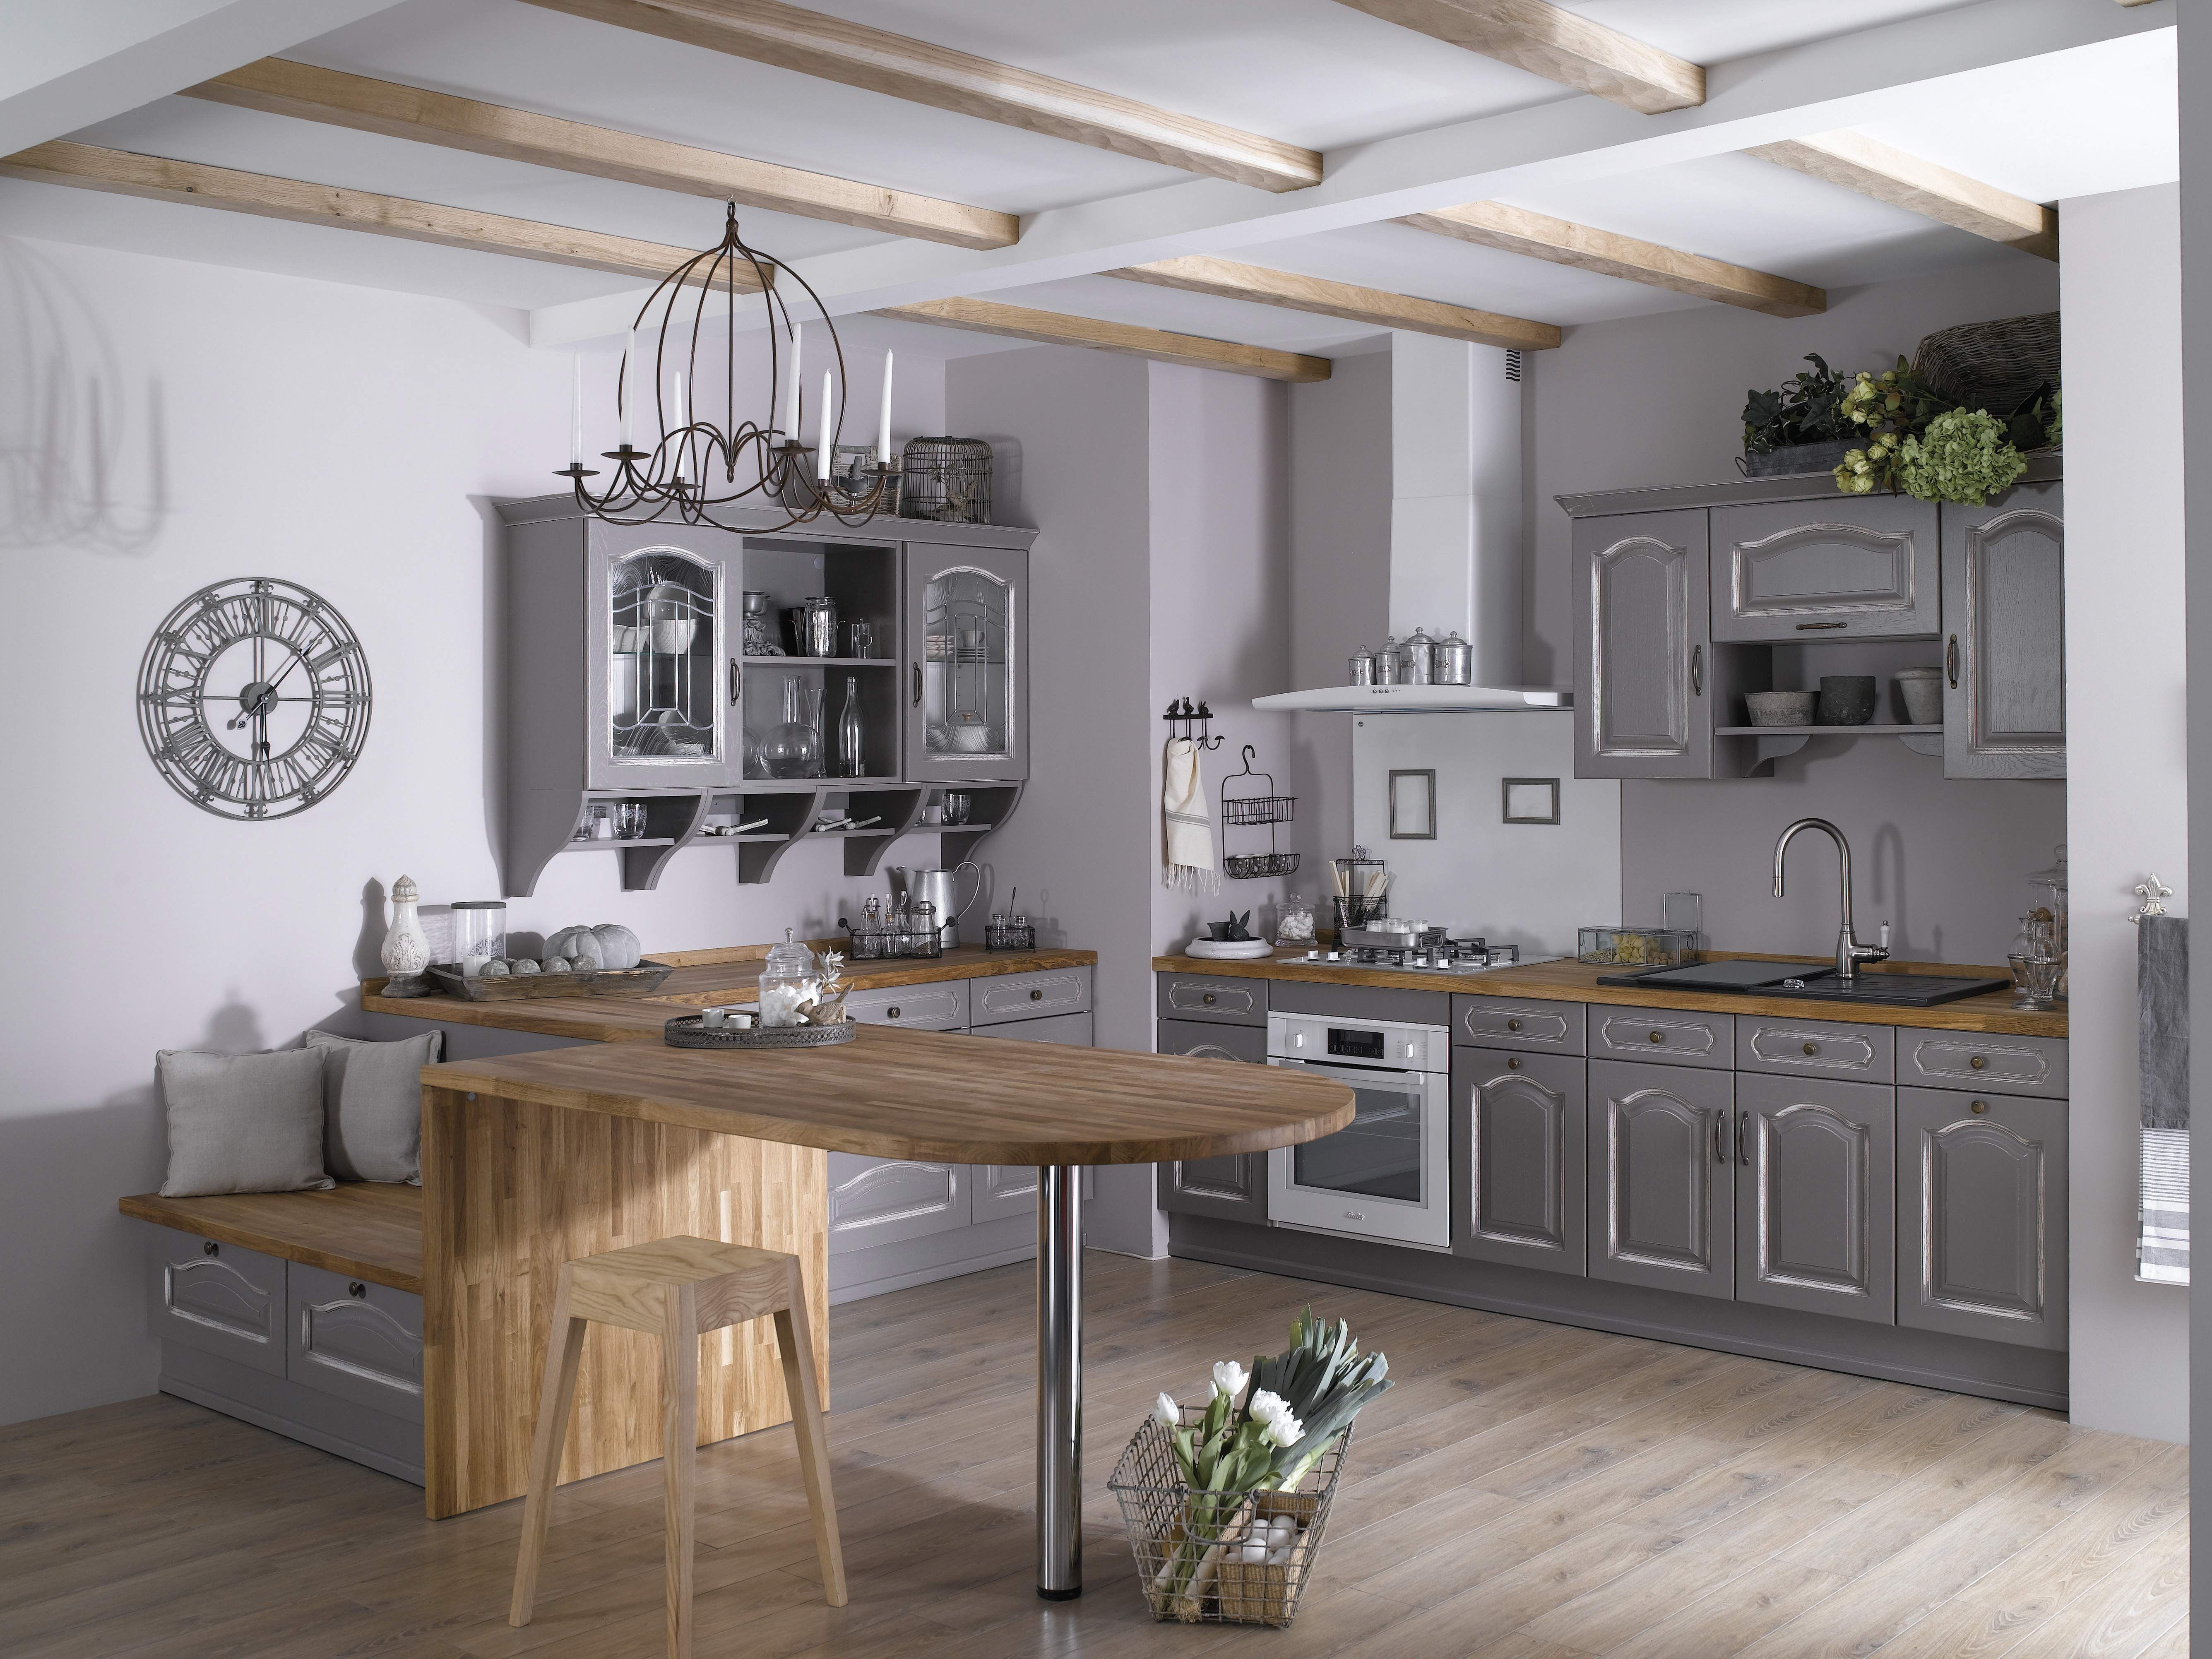 Cuisine saveur grege les meubles de cuisine saveur - Meubles cuisine lapeyre ...